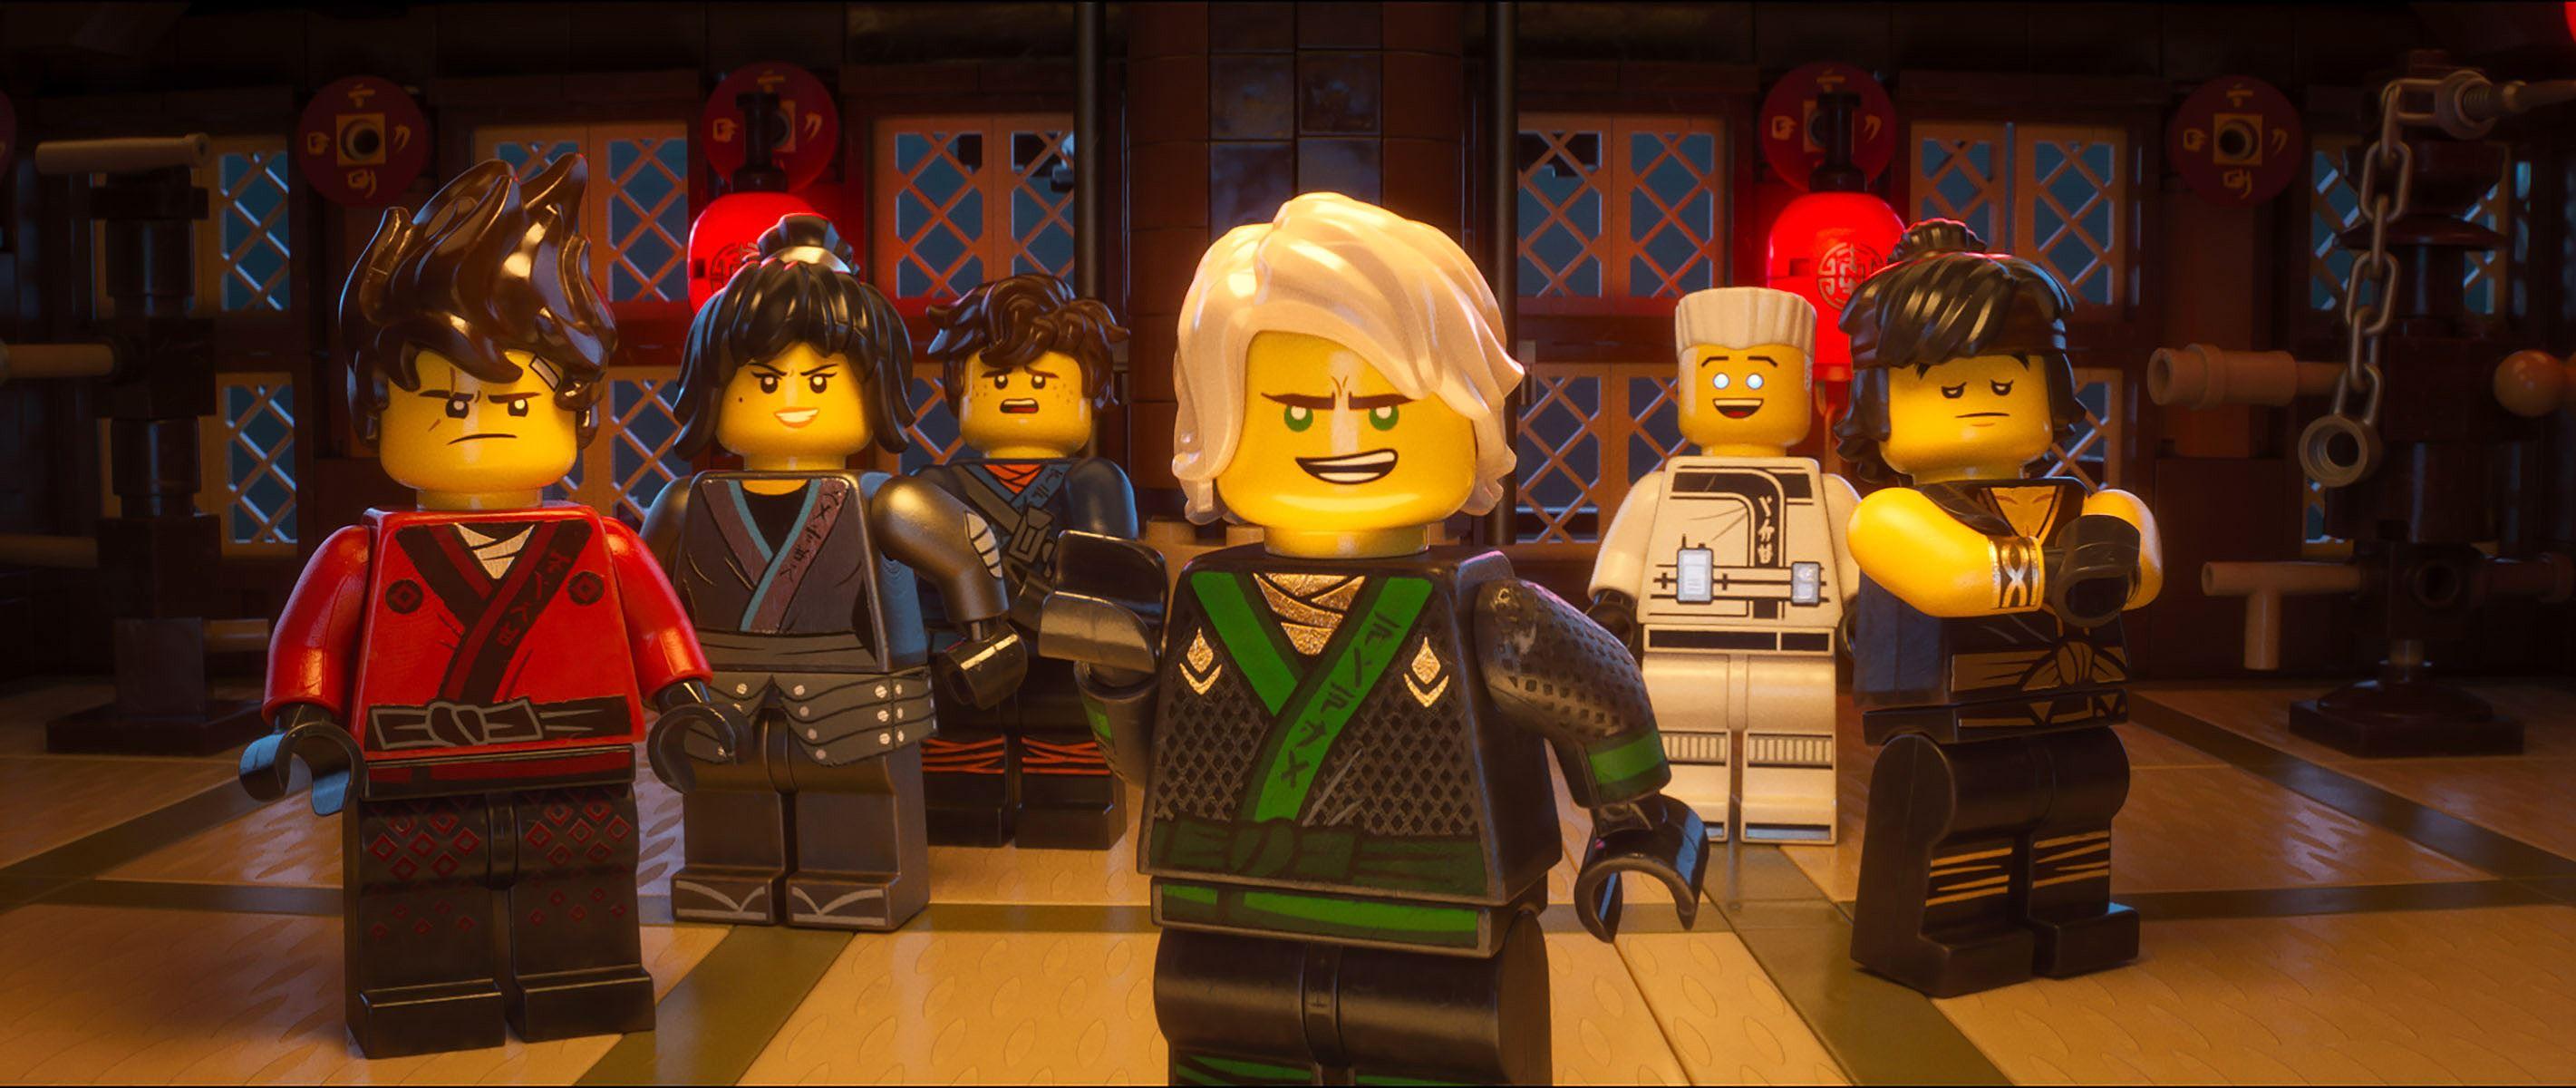 panggung era lego ninjago